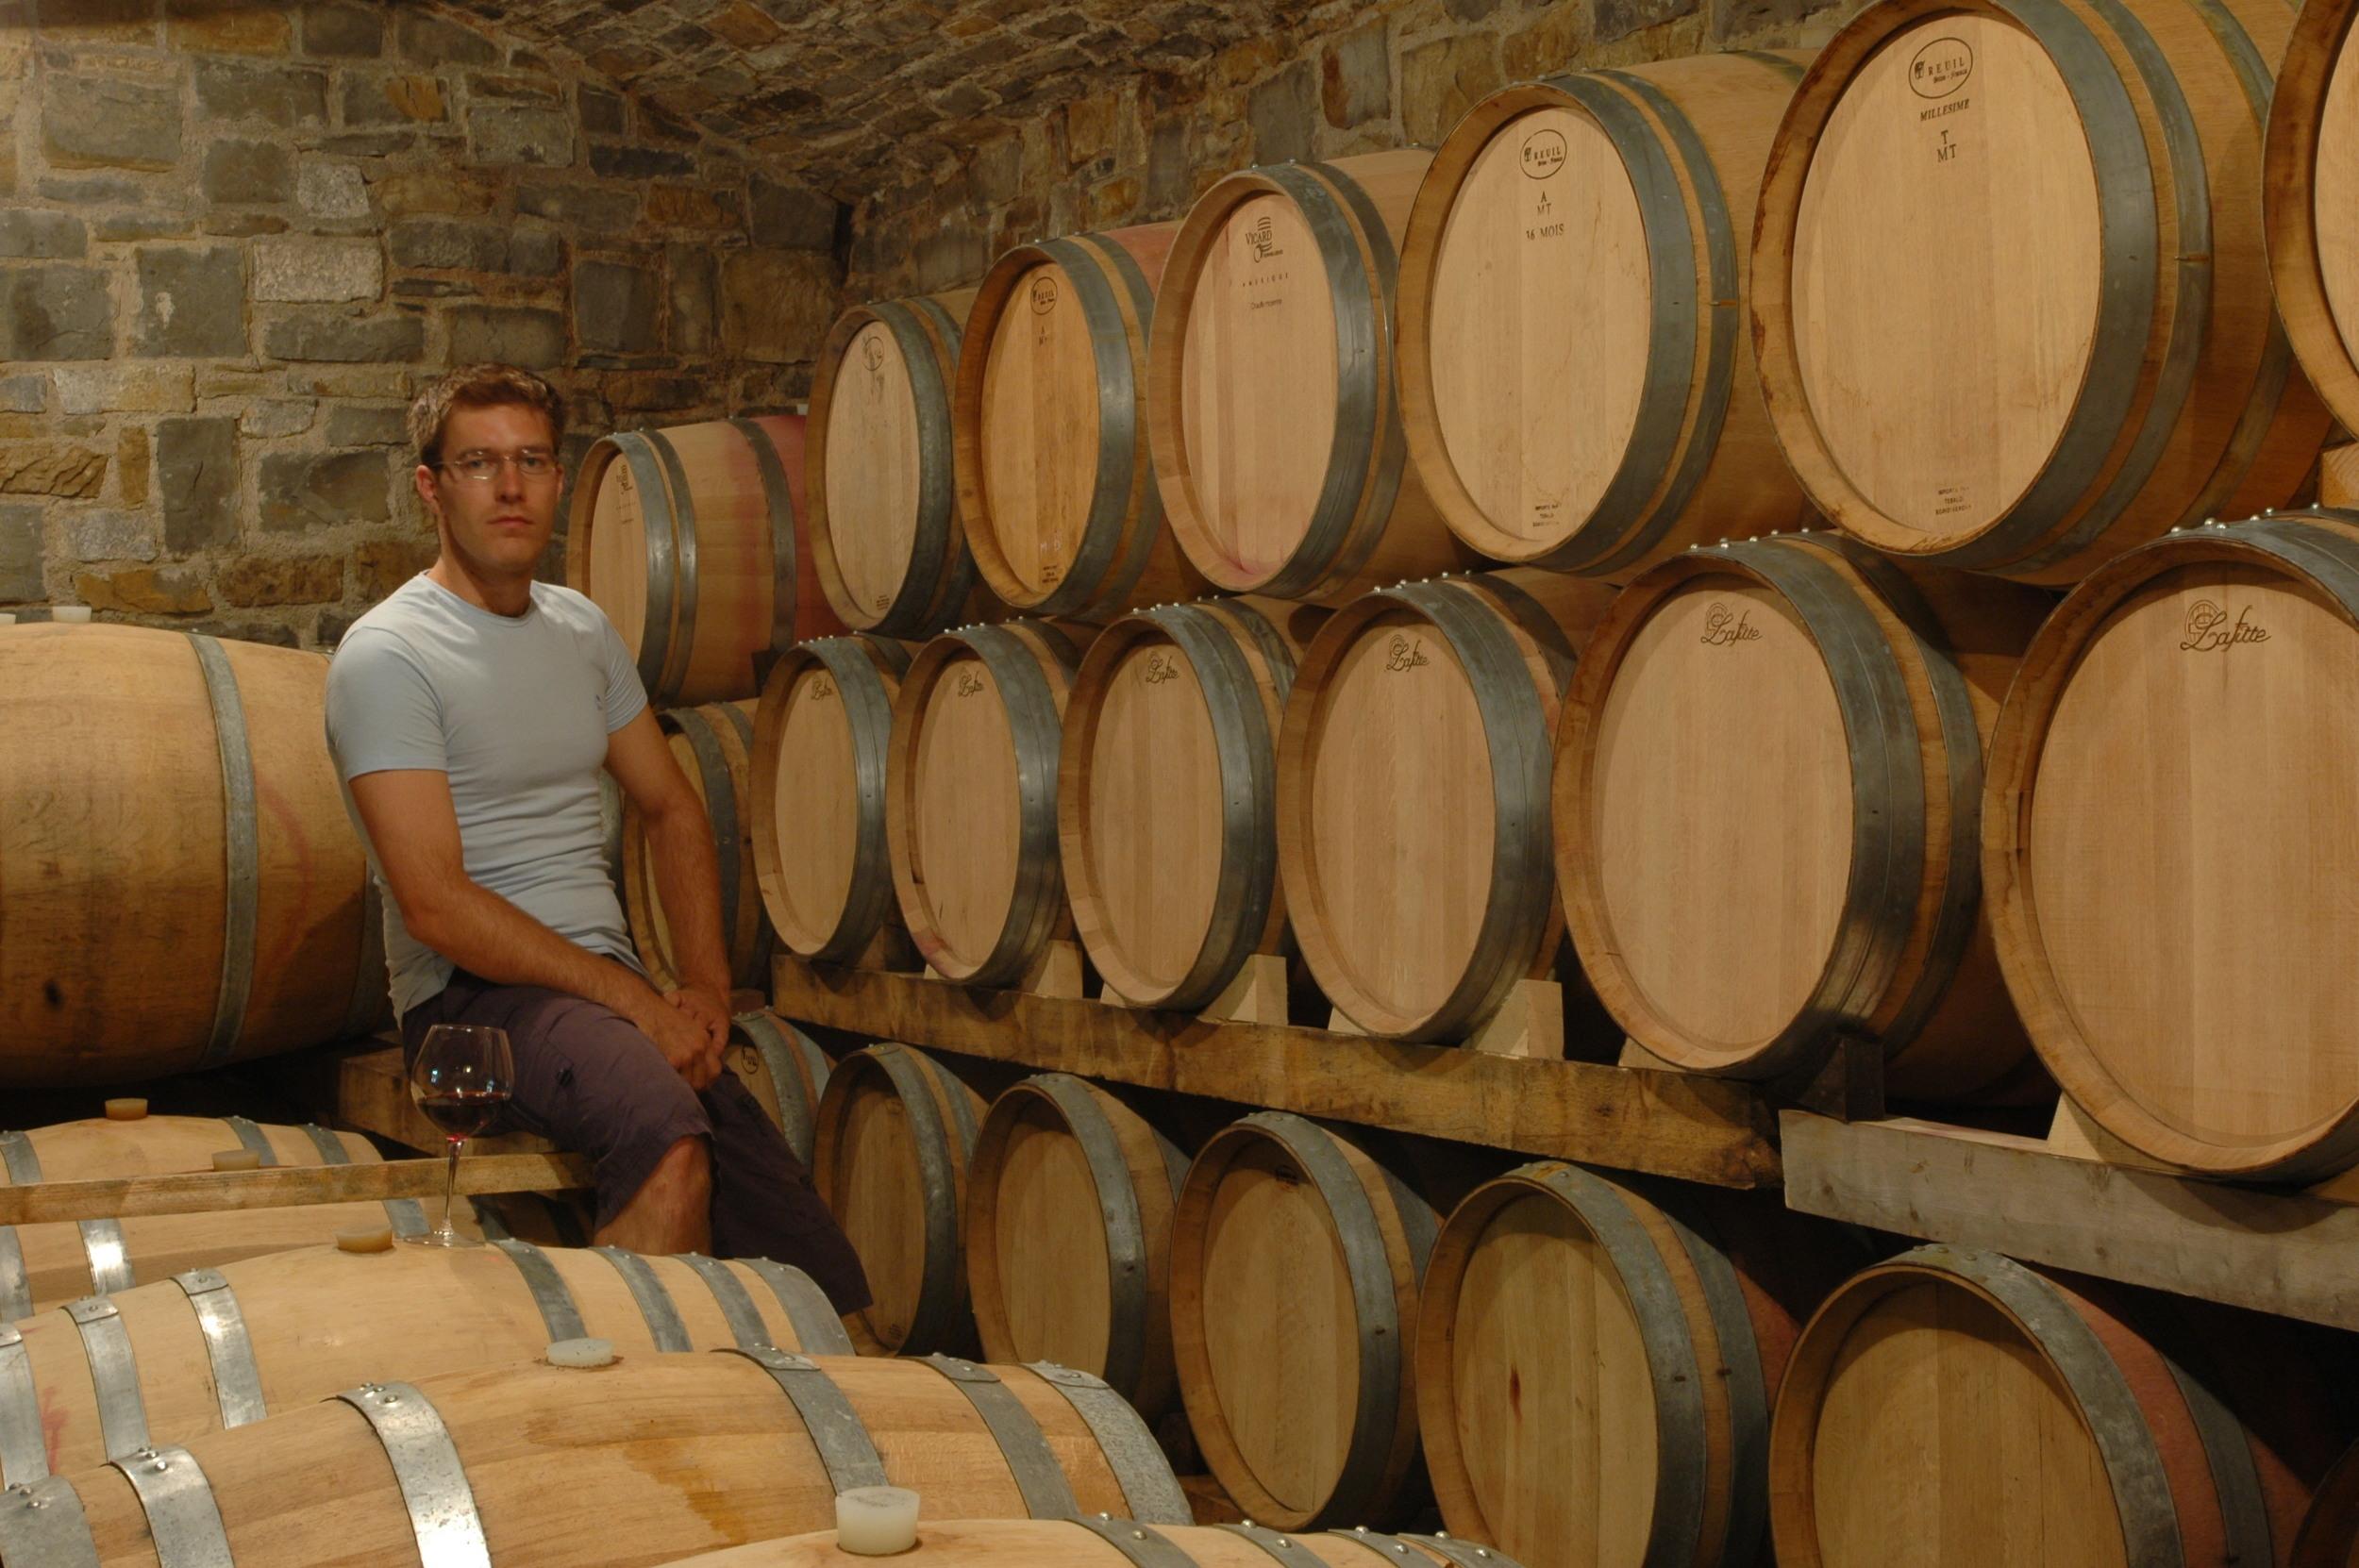 Matjaž Četrtič from Slovenian winery Ferdinand